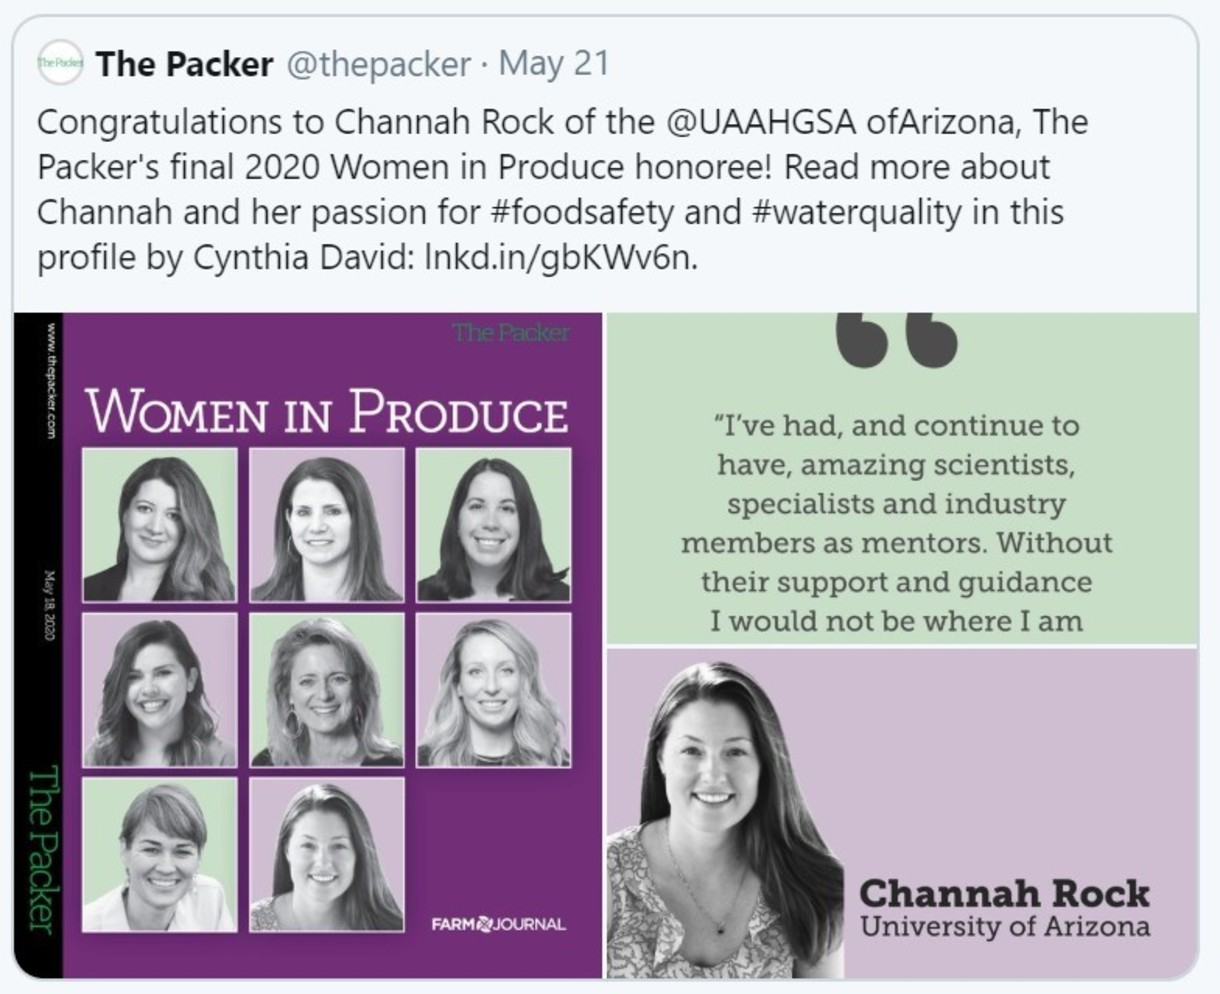 Dr. Channah Rock wins award